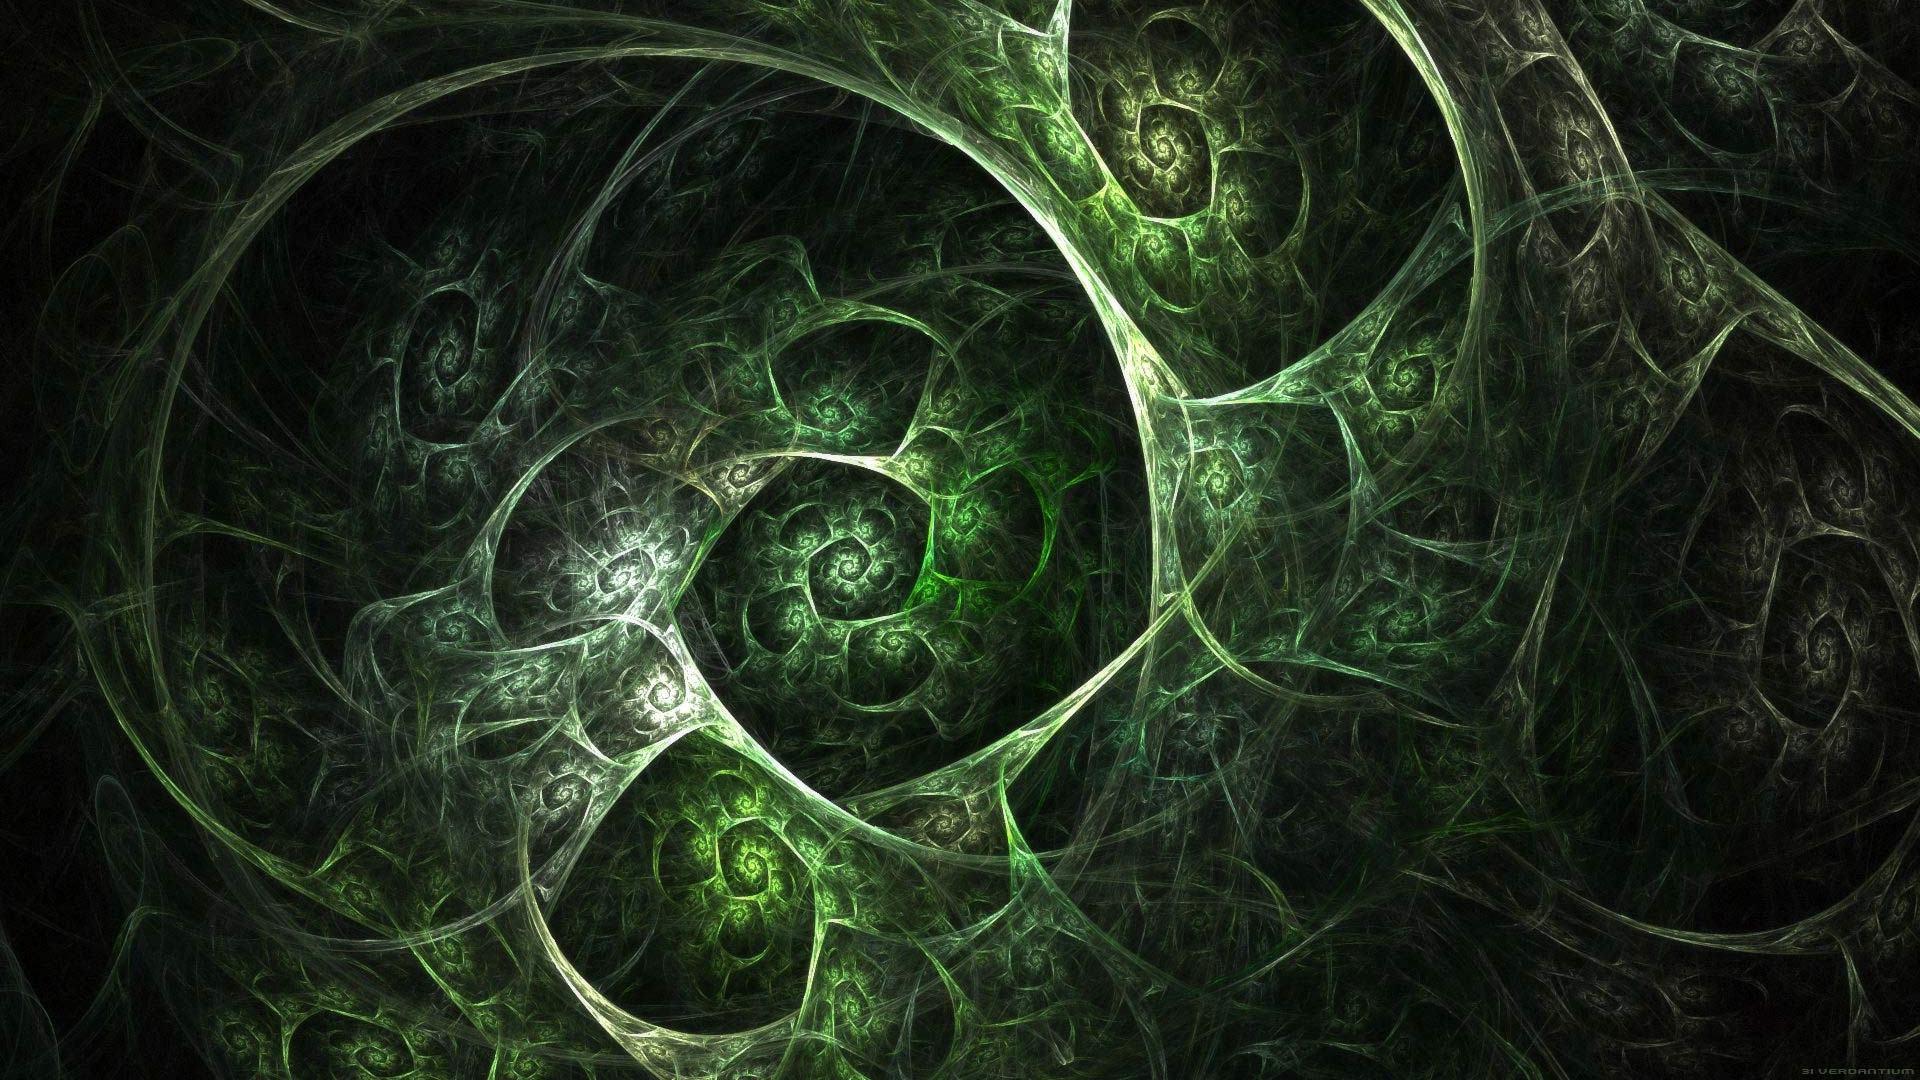 Green Fractal Wallpaper